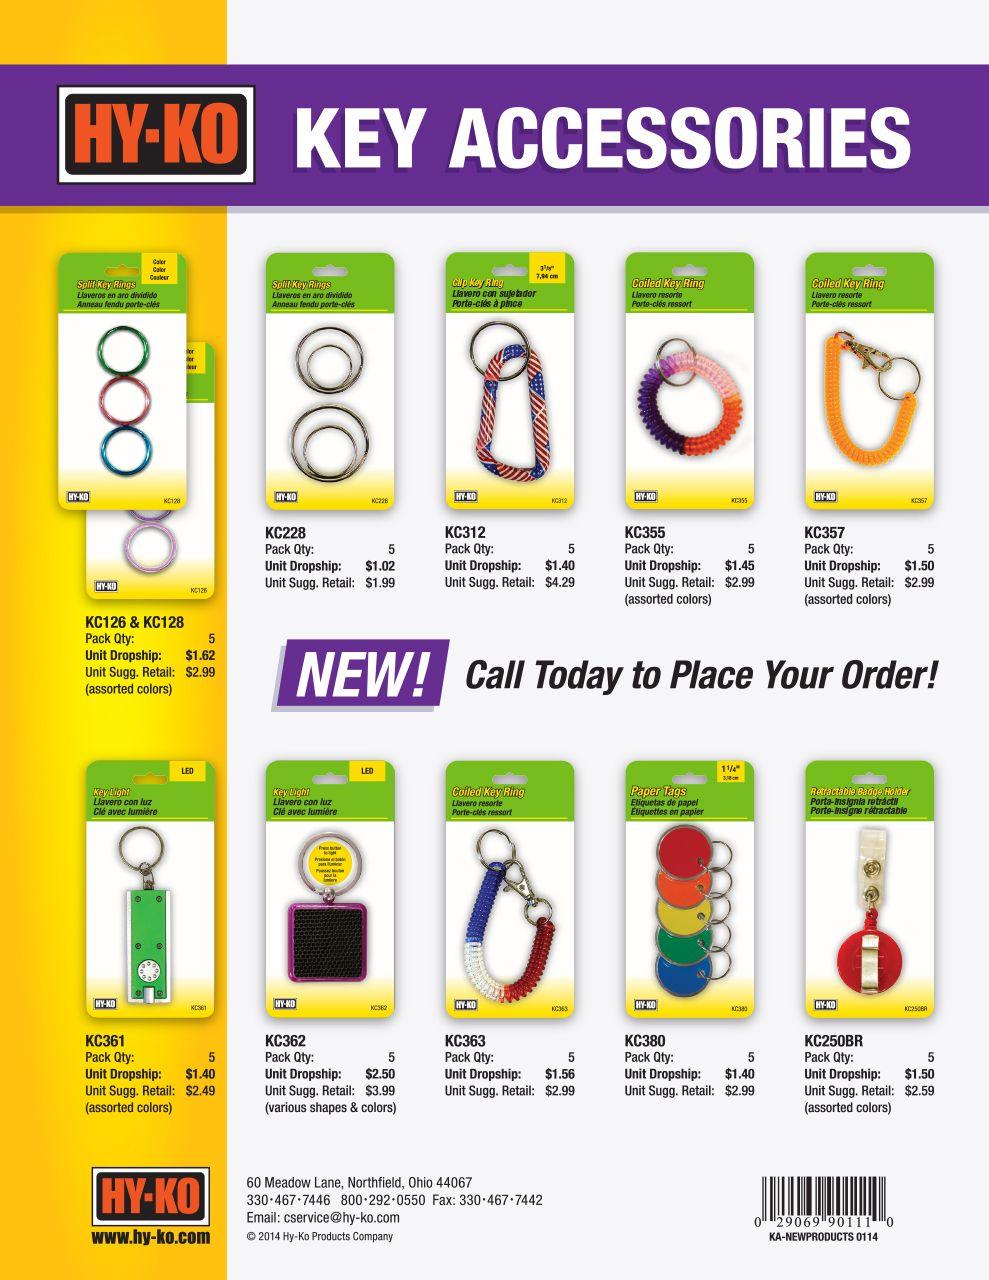 New Key Accessories